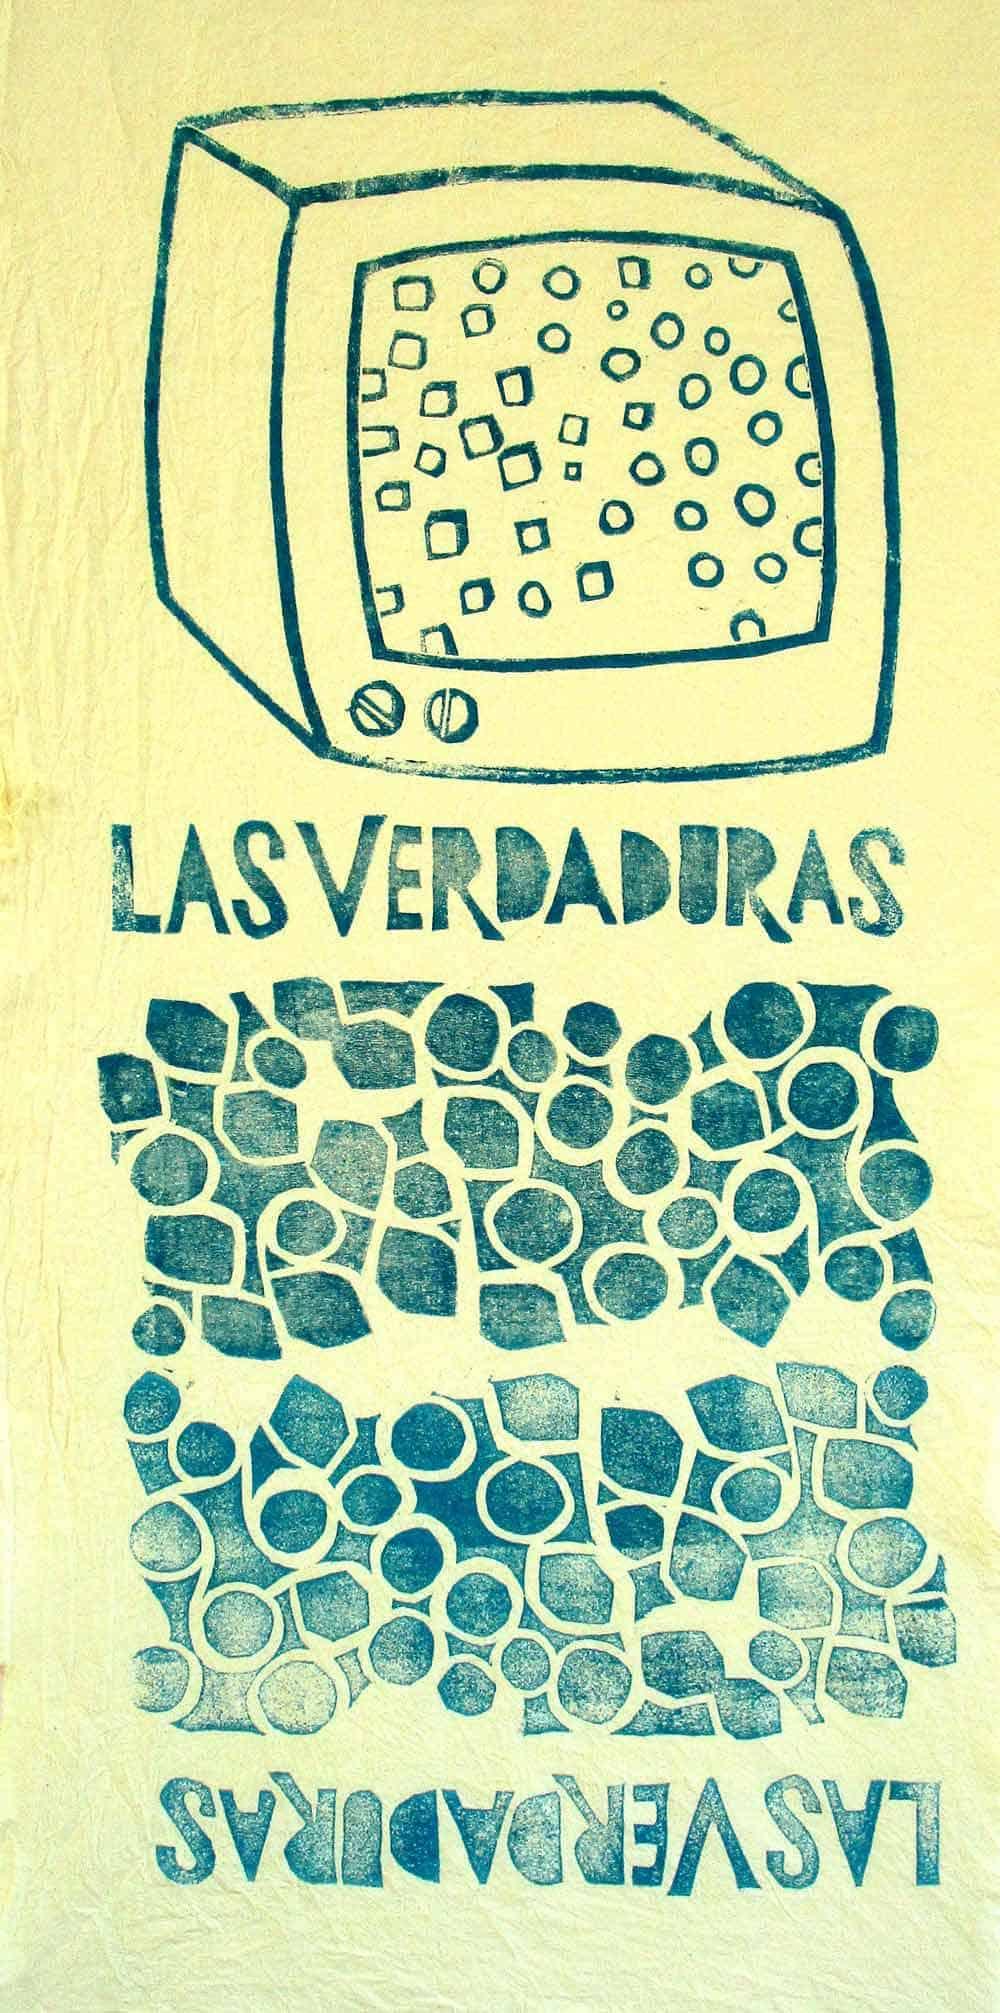 lasverdaduras1_